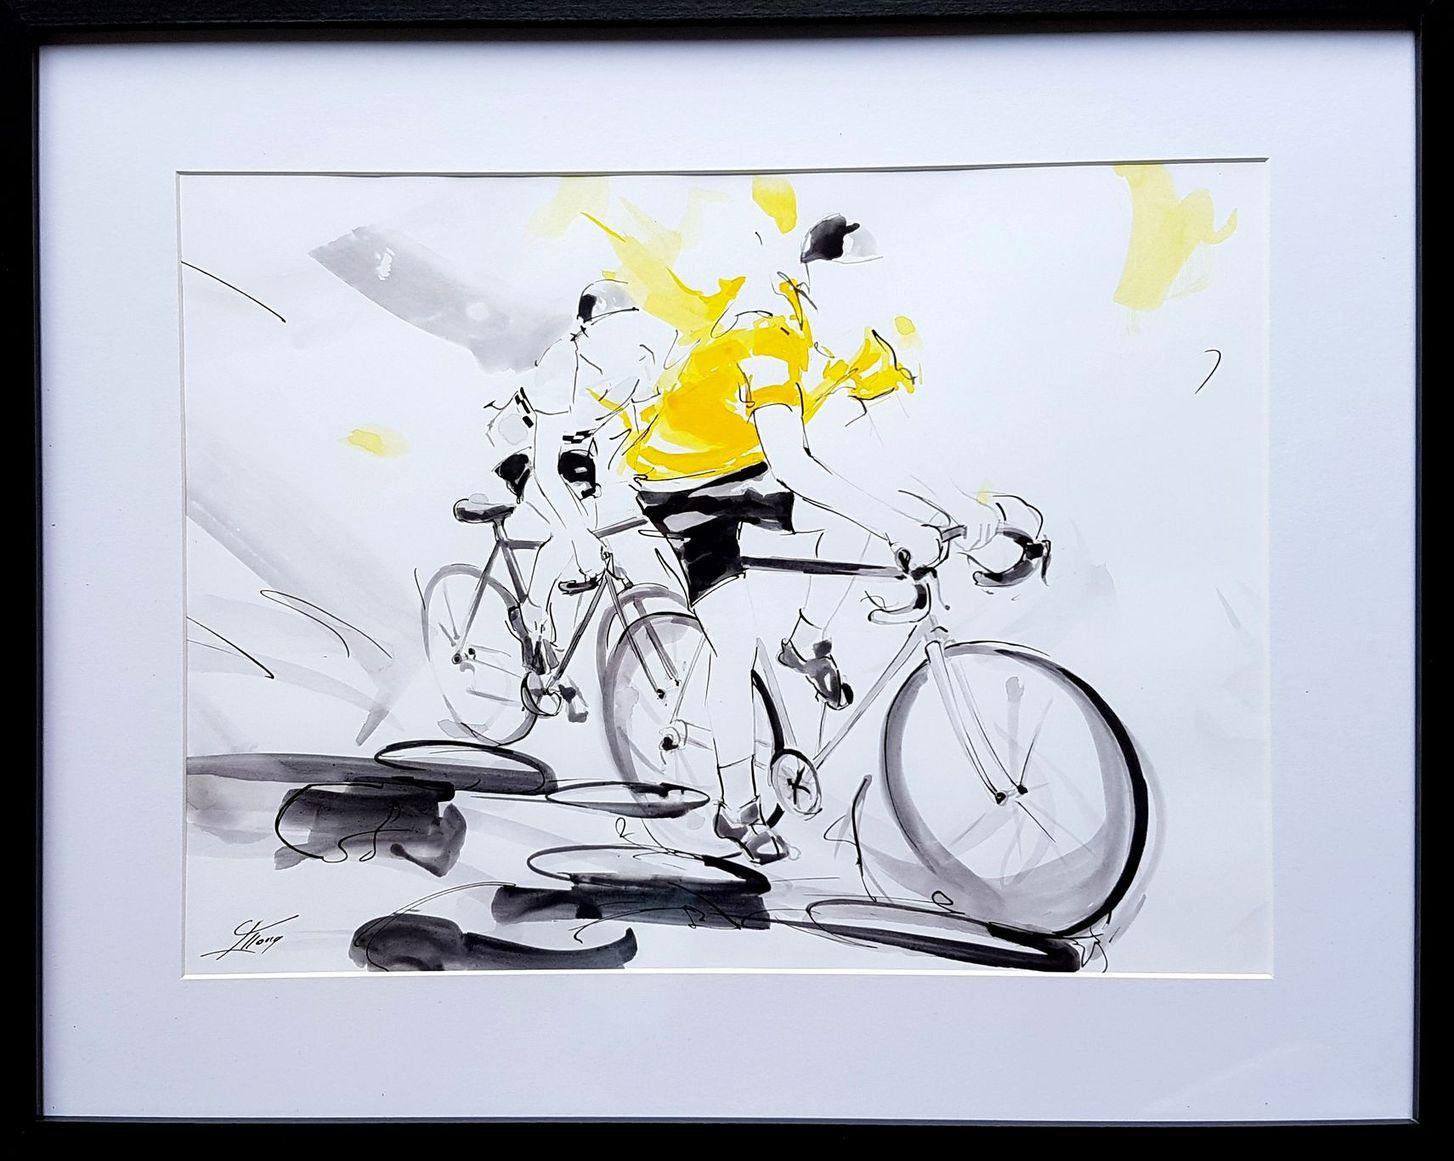 art tableau sport cyclisme : peinture à l'encre offerte à Bernard thévenet avec le maillot jaune, double vainqueur du tour de France par les organisateurs du Tour cycliste de l'API (agglomération pays d'Issoire)